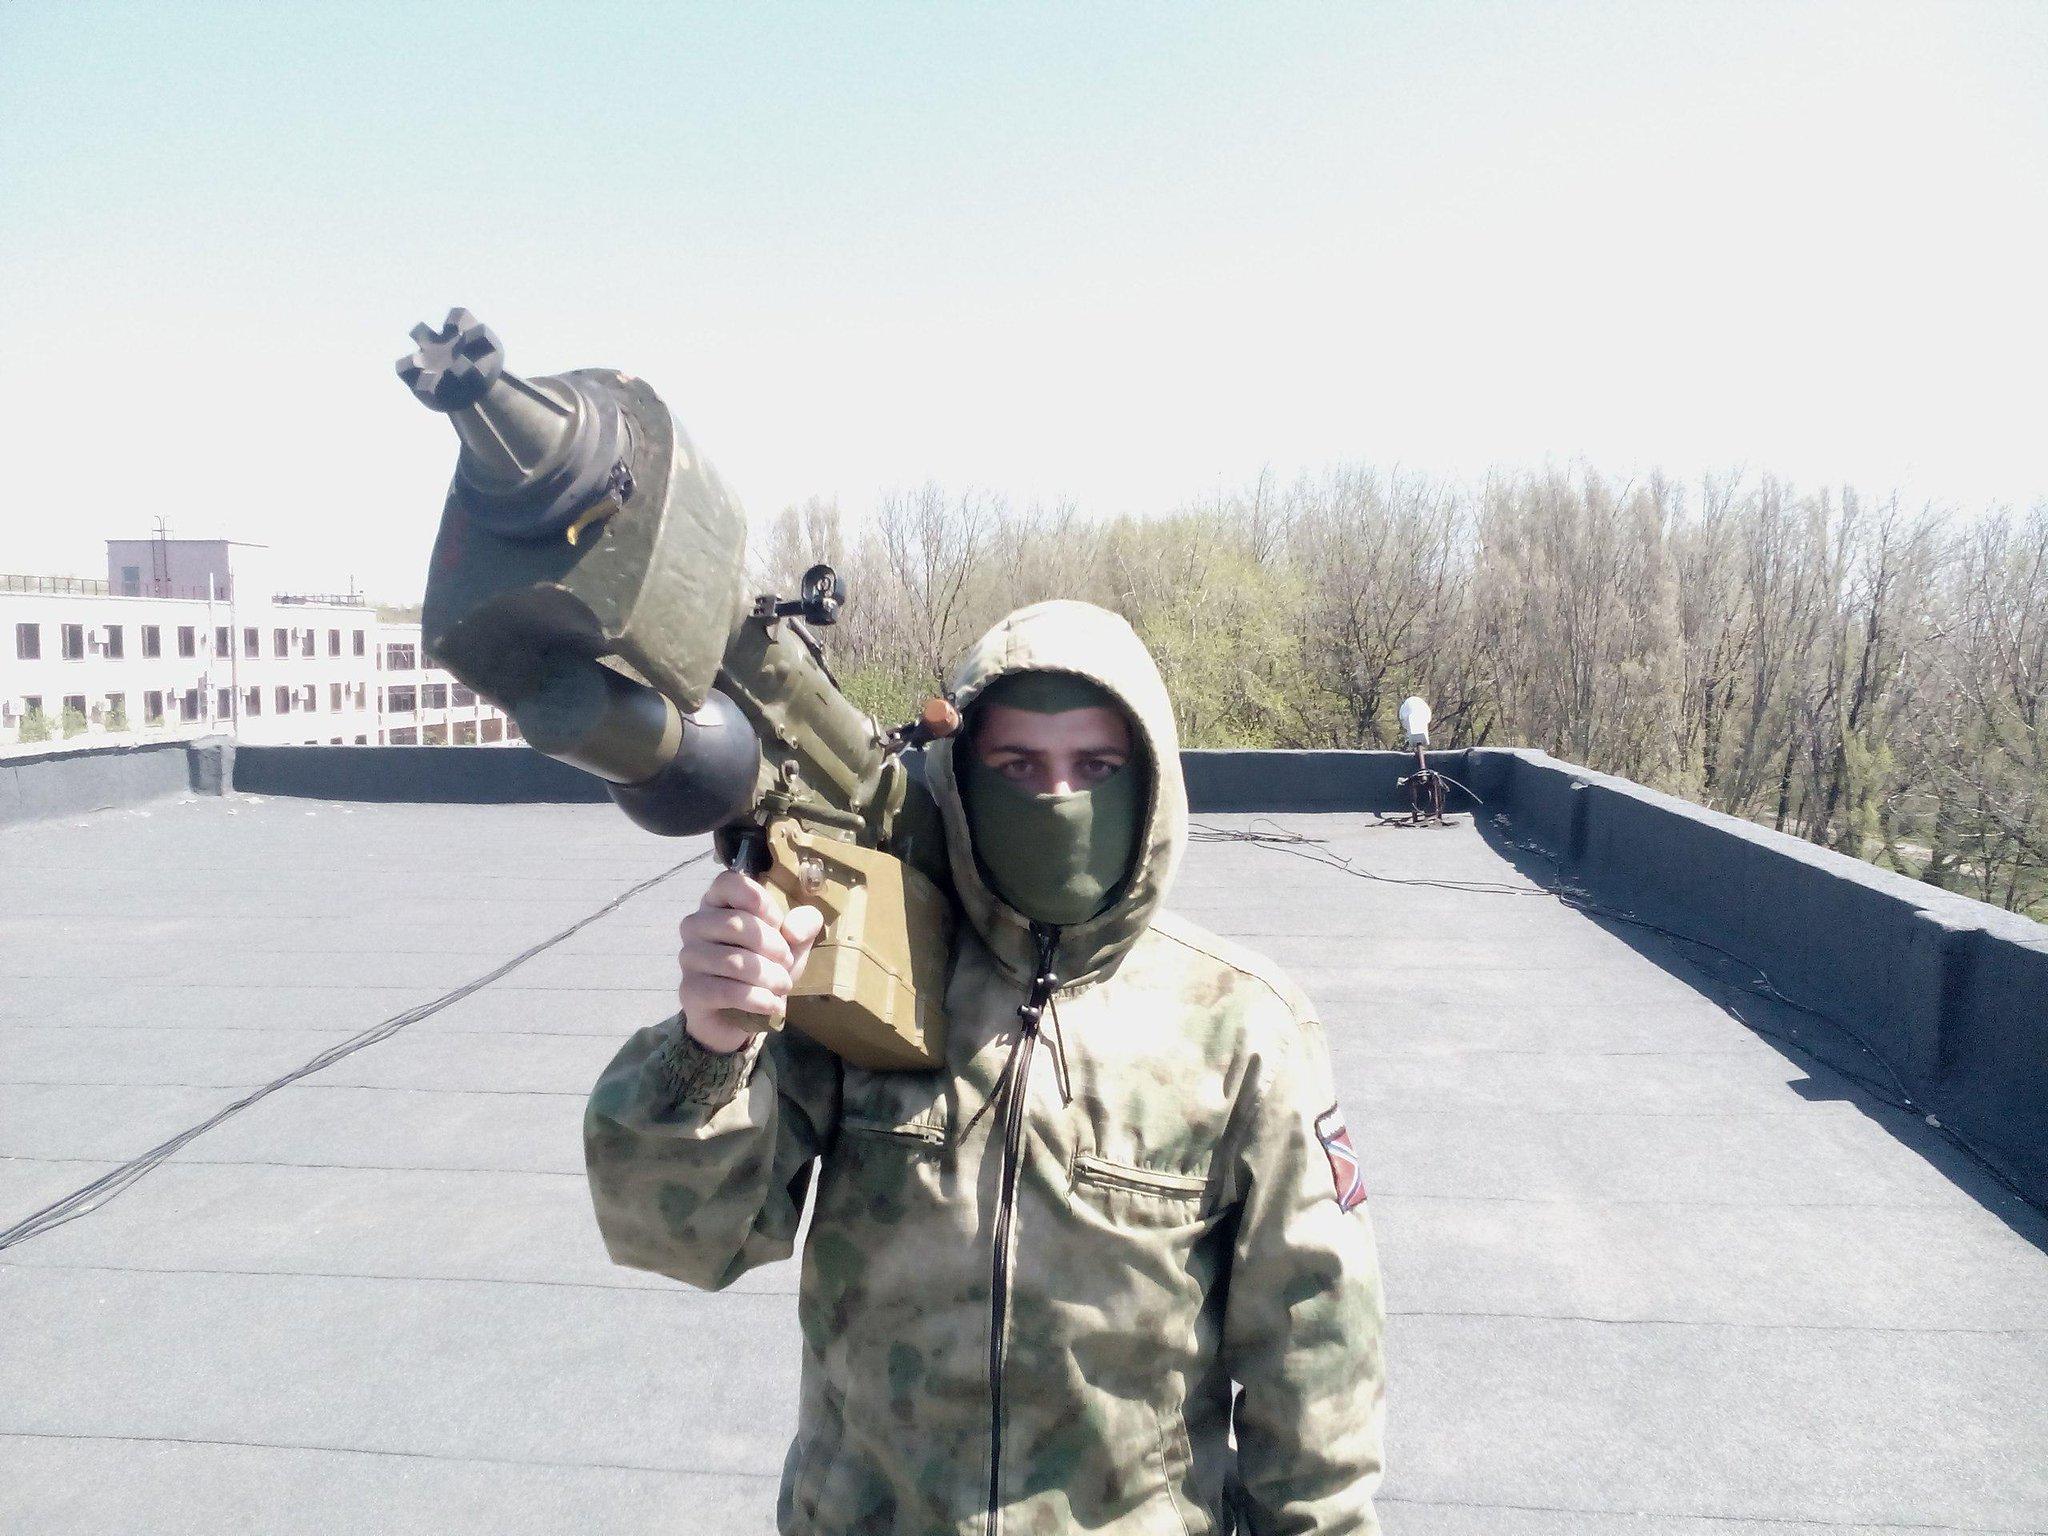 Зубко рассказал о наиболее привлекательных сферах для инвестиций в Украине - Цензор.НЕТ 3198